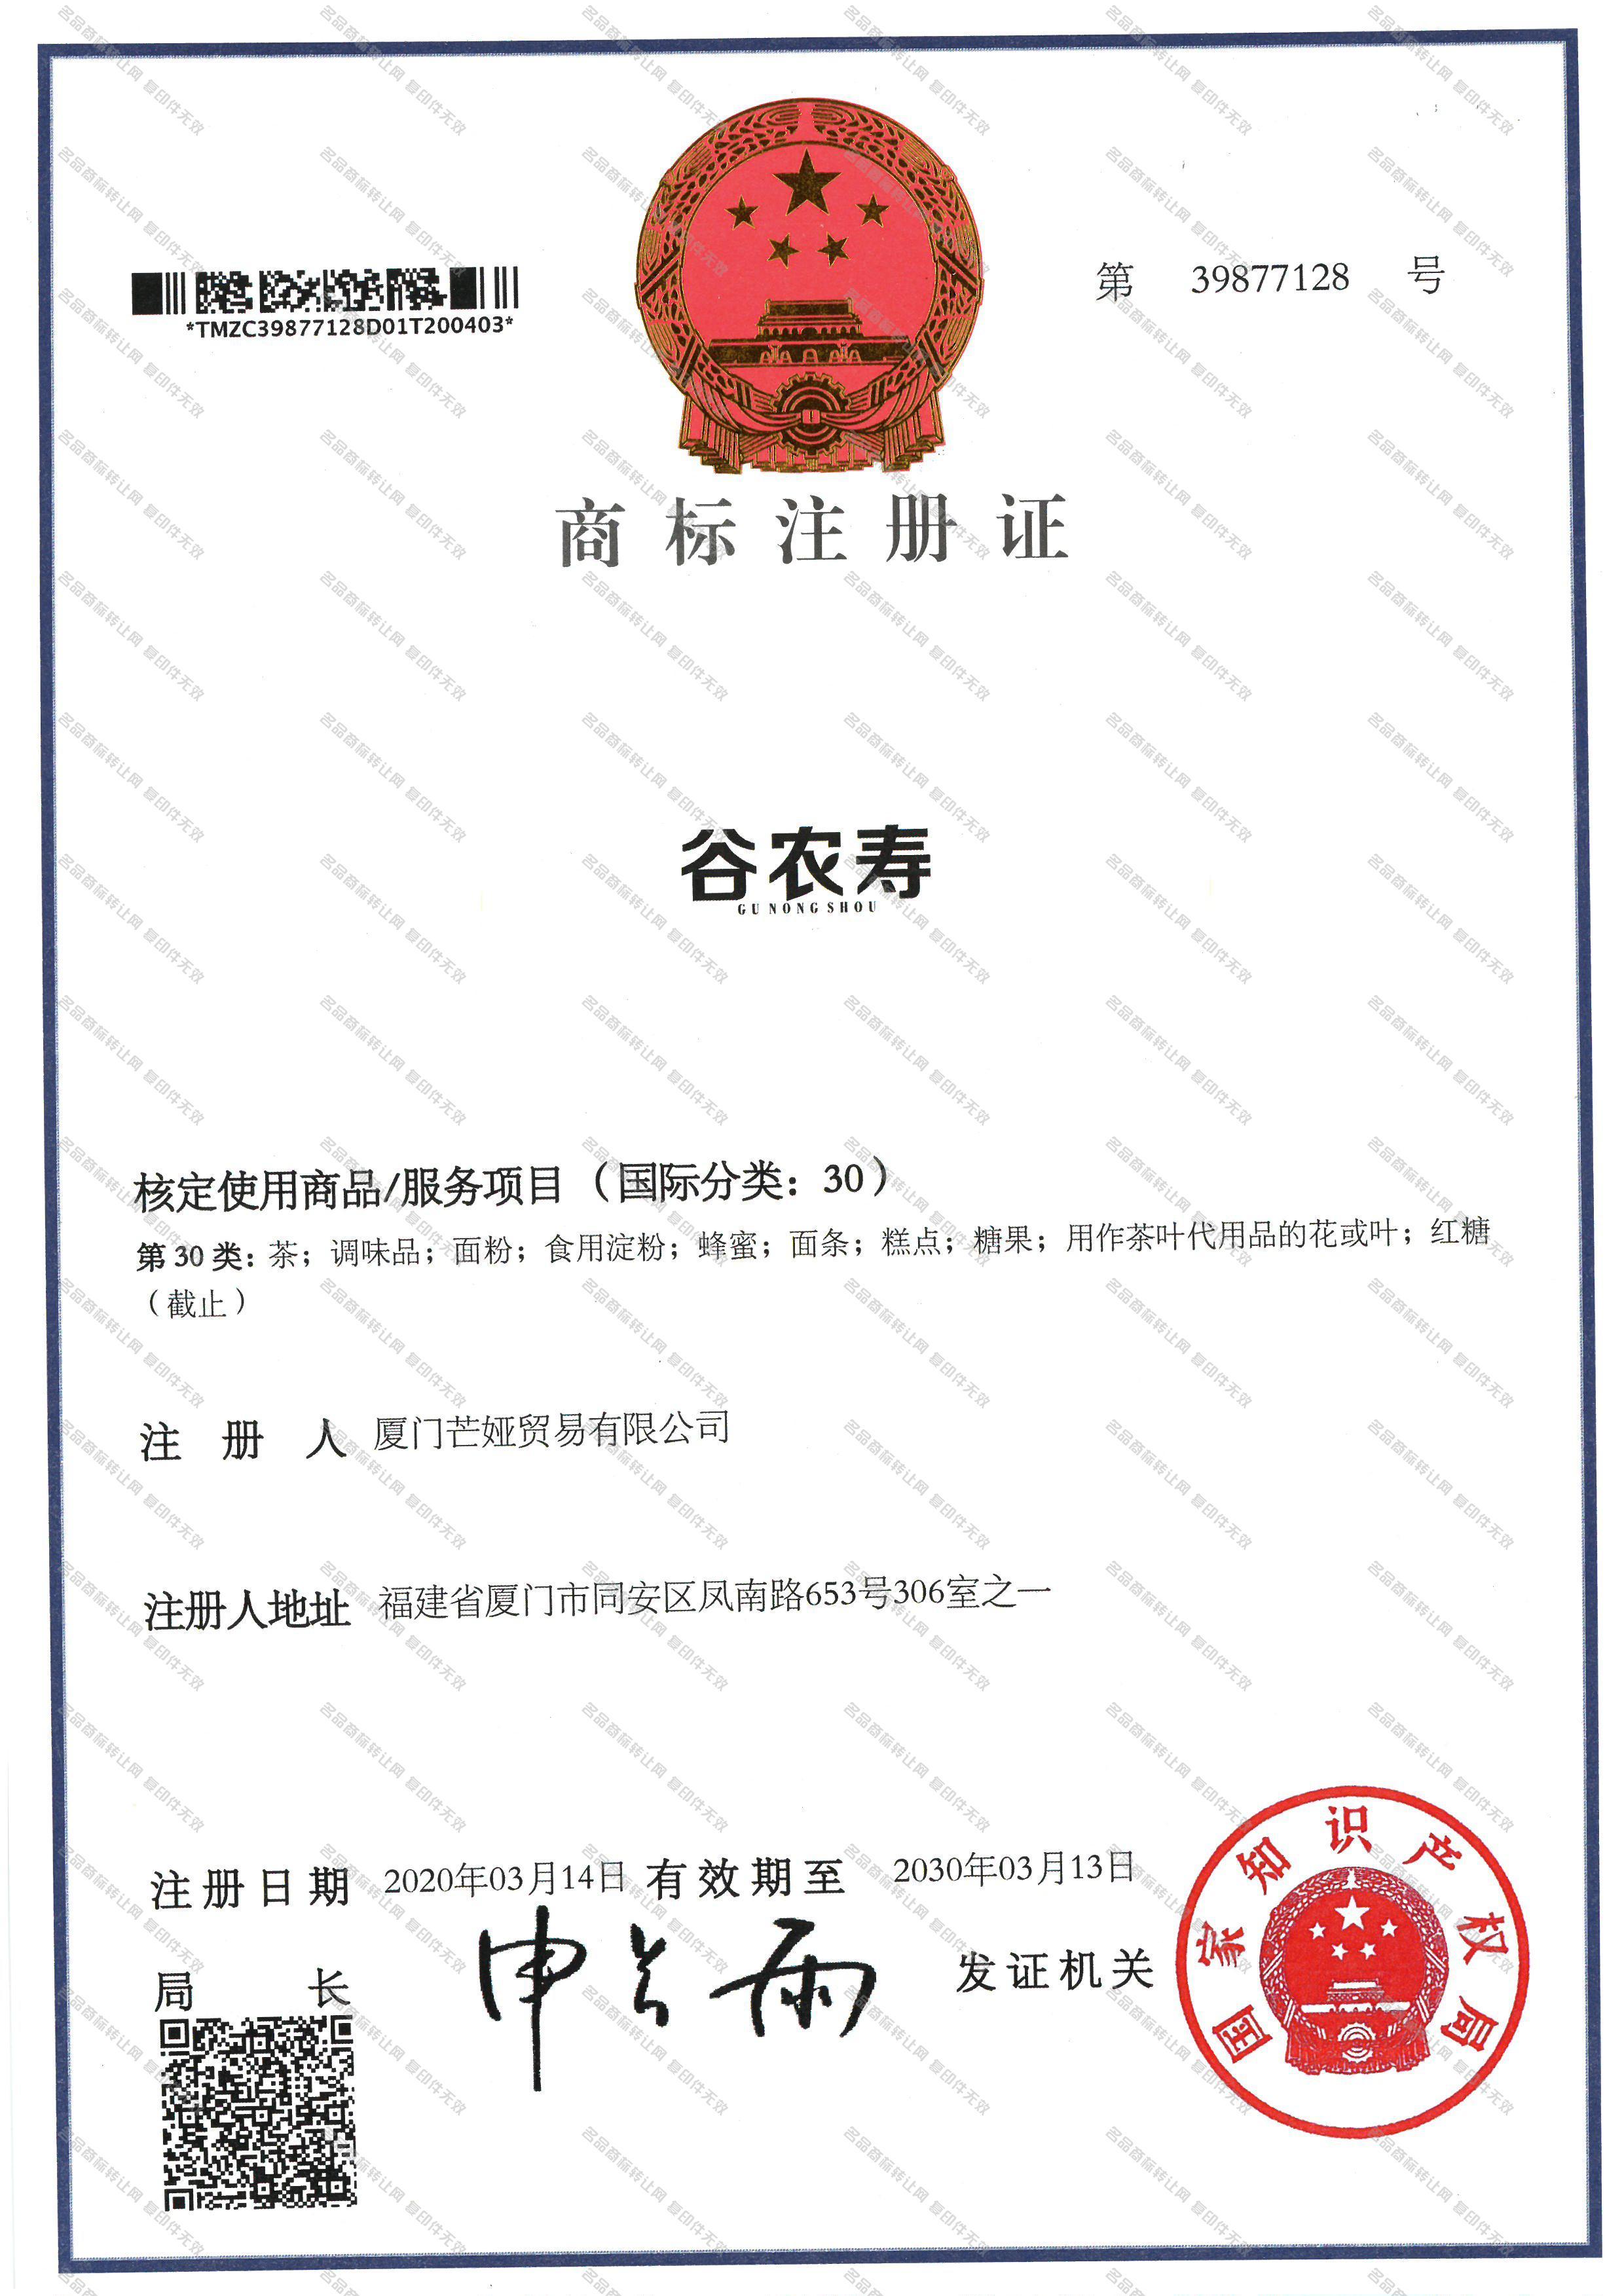 谷农寿注册证